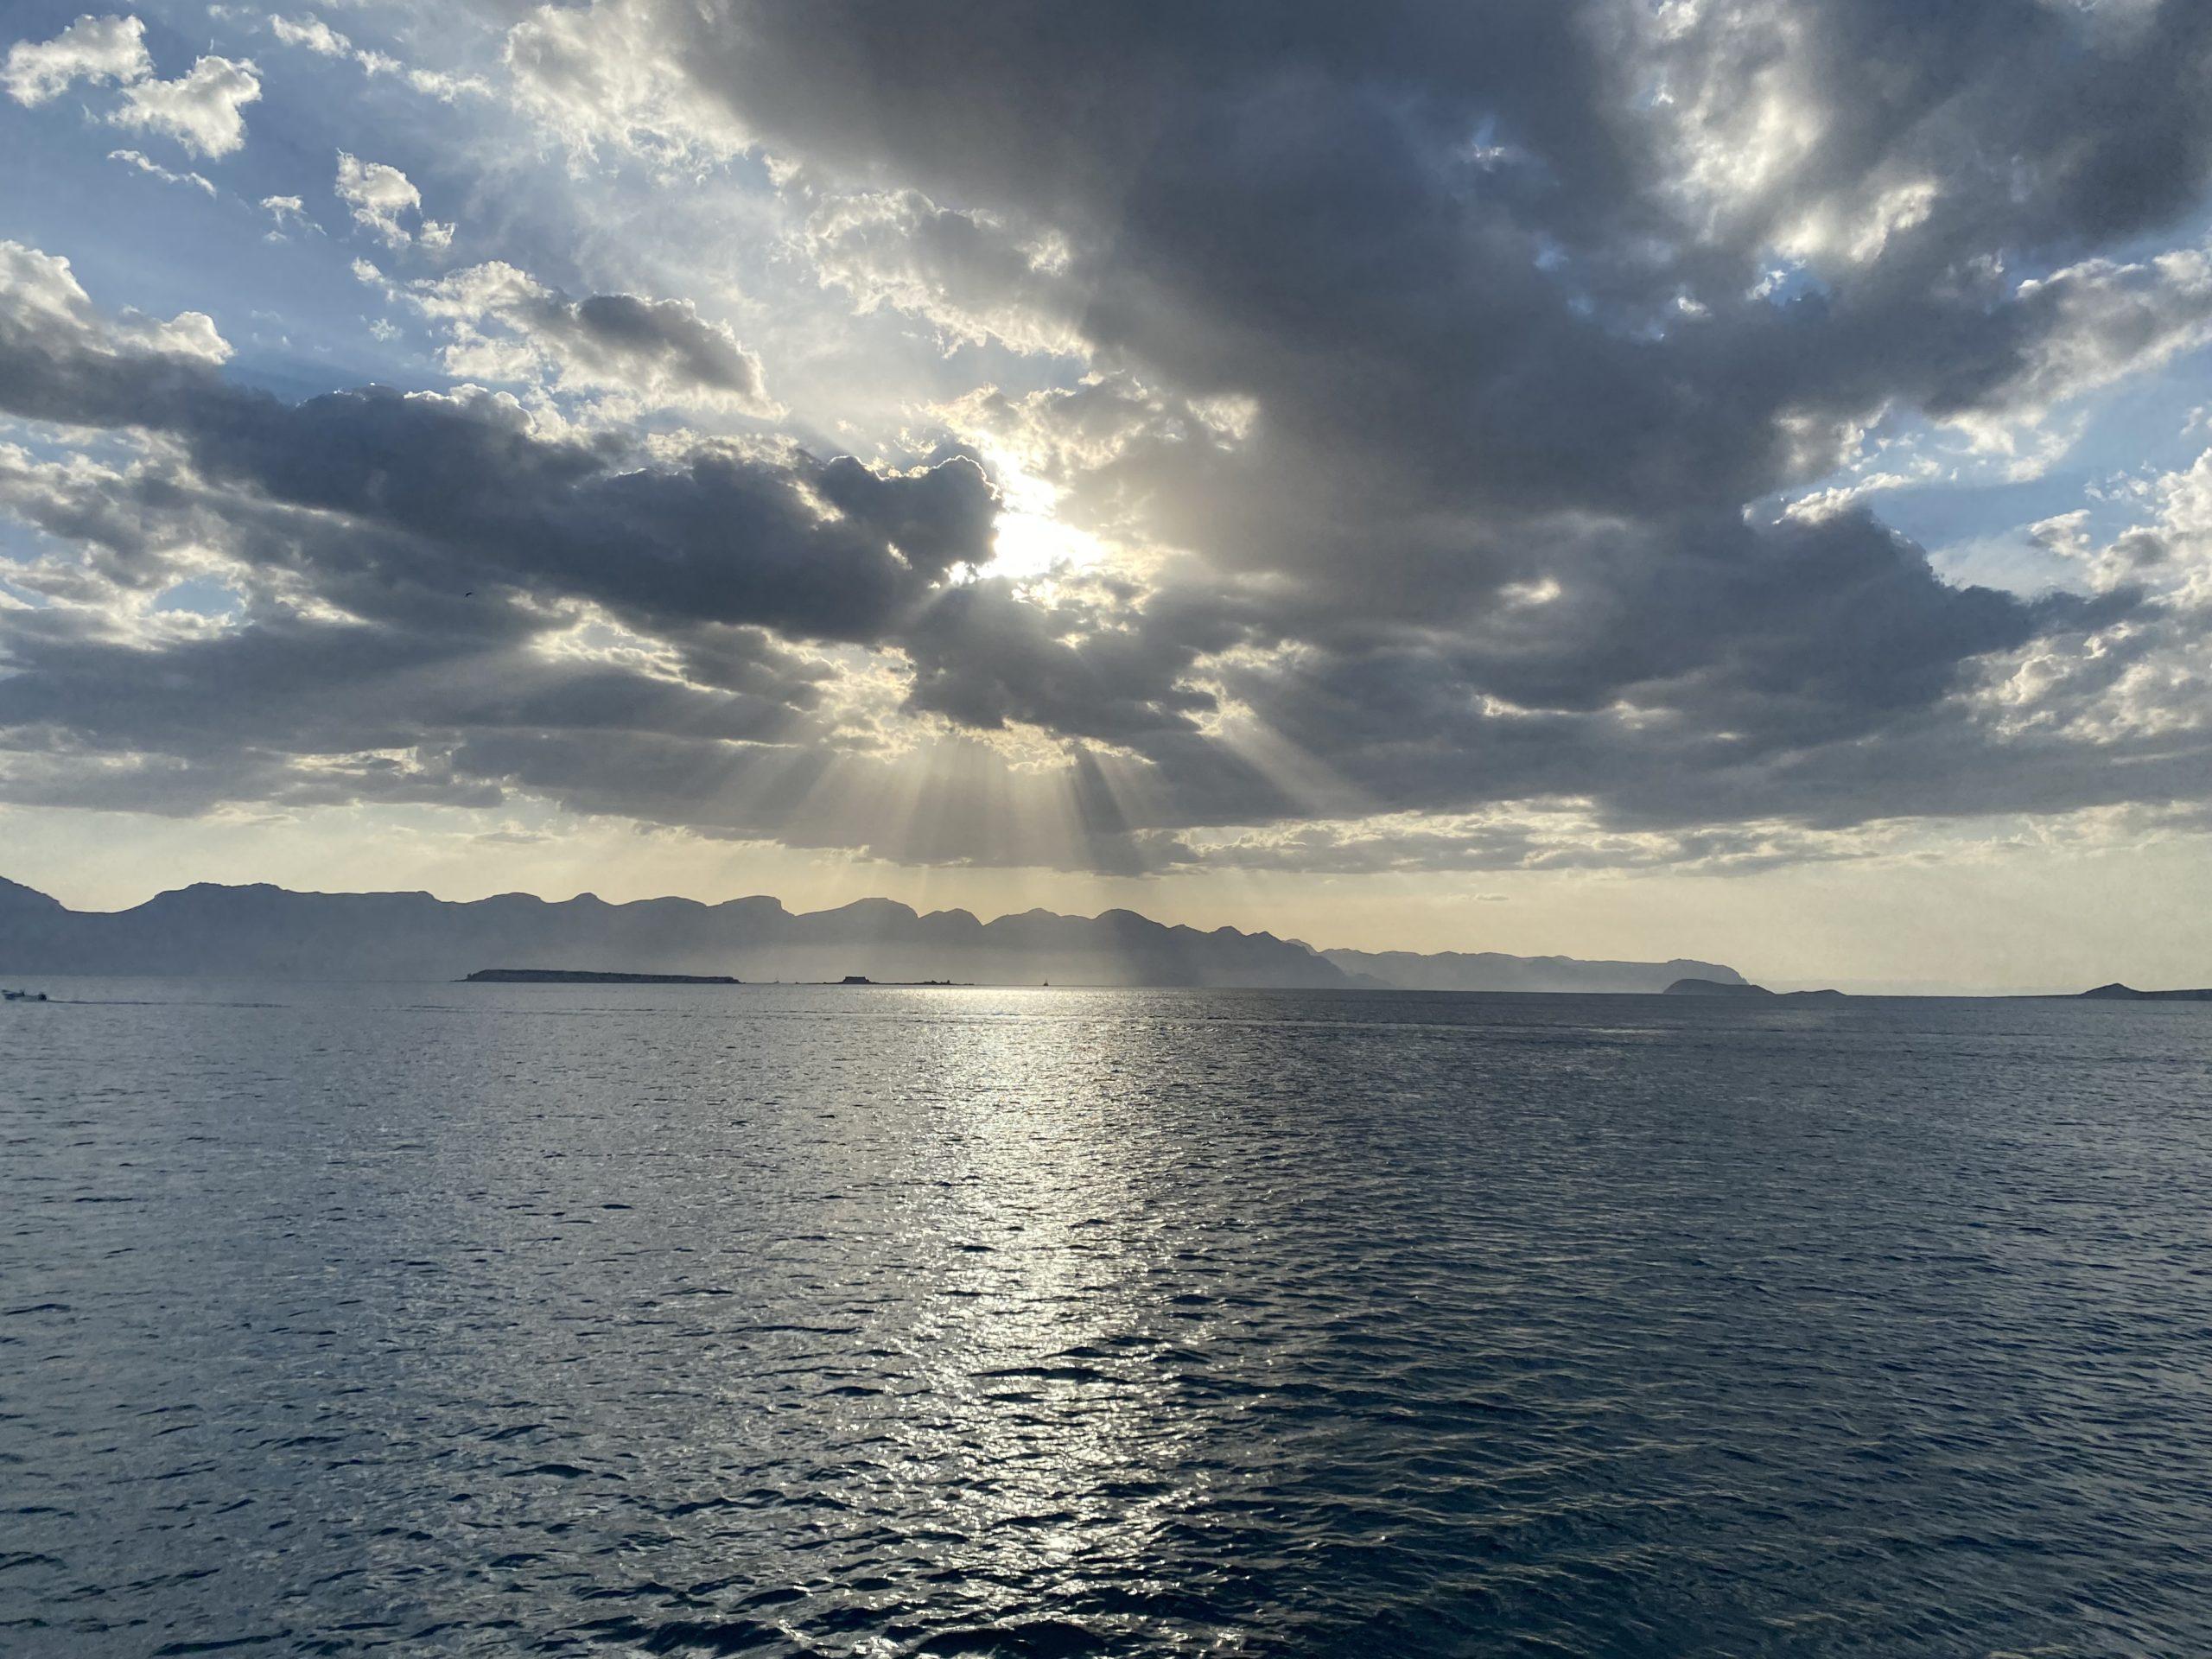 Opinión: Maravillas sostenibles de La Paz, Baja California Sur